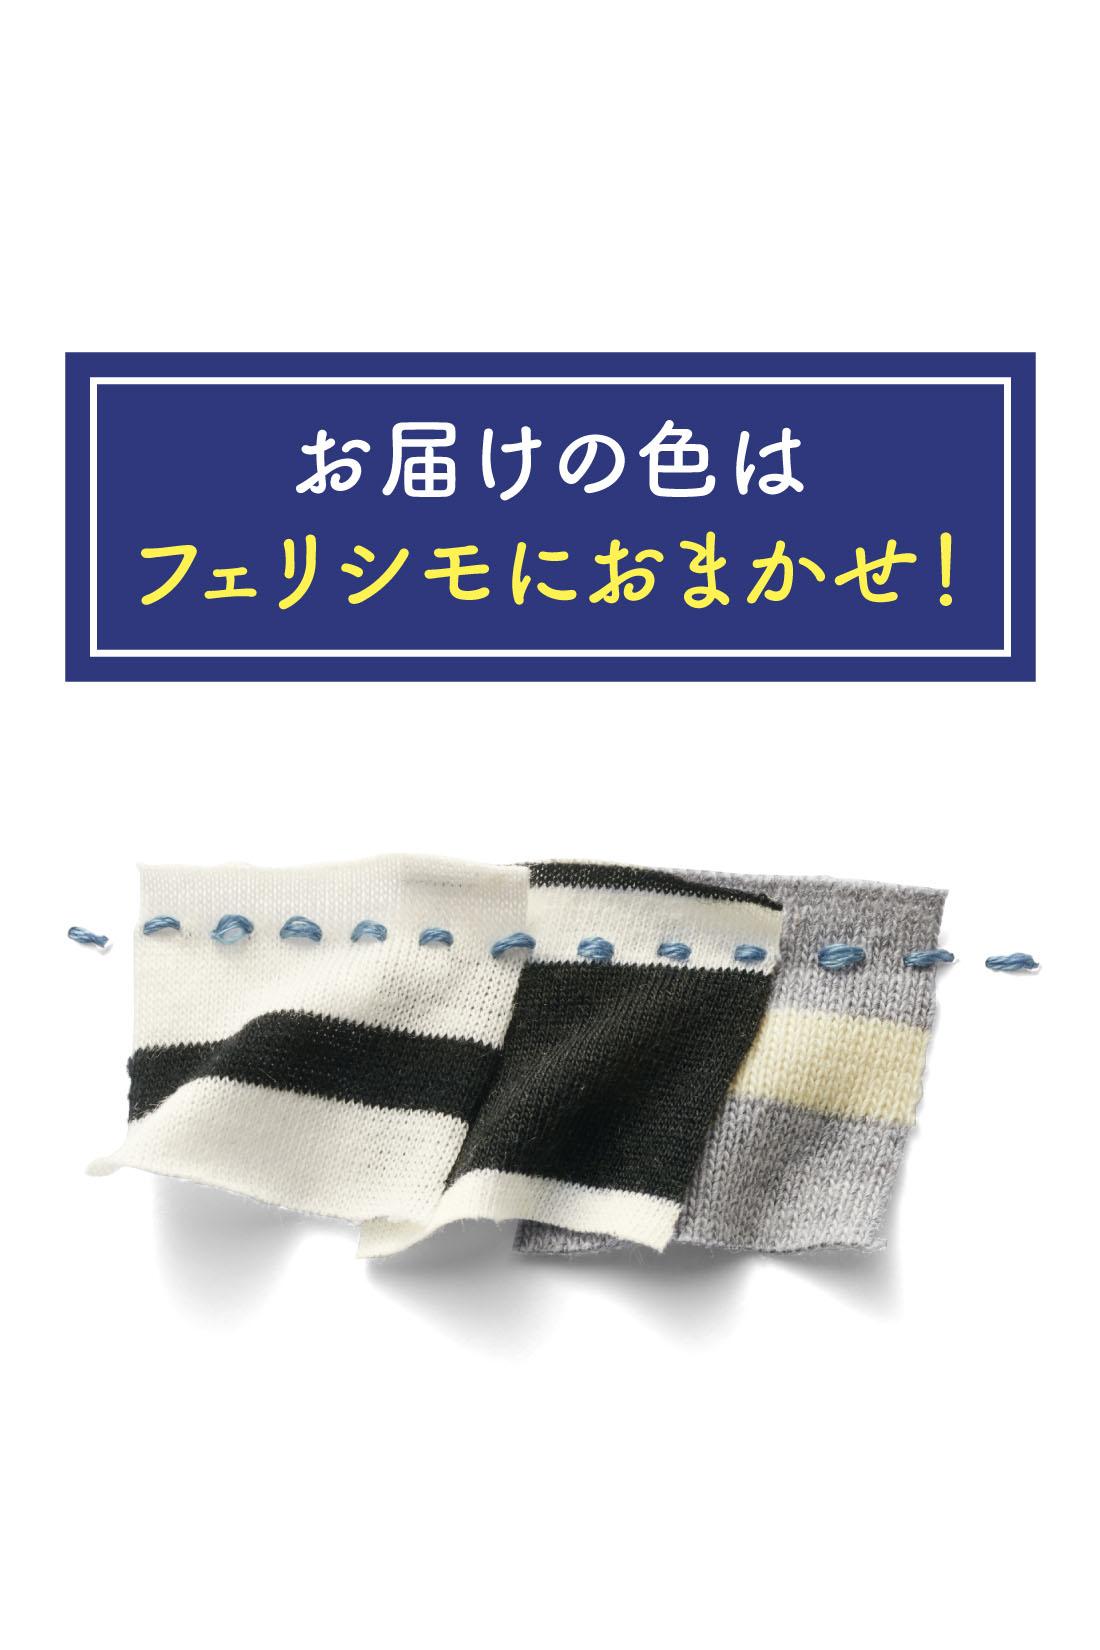 大人が着やすい細めのピッチのボーダーをお届け。配色も白×黒、グレー×白など、着まわしやすいものばかり。